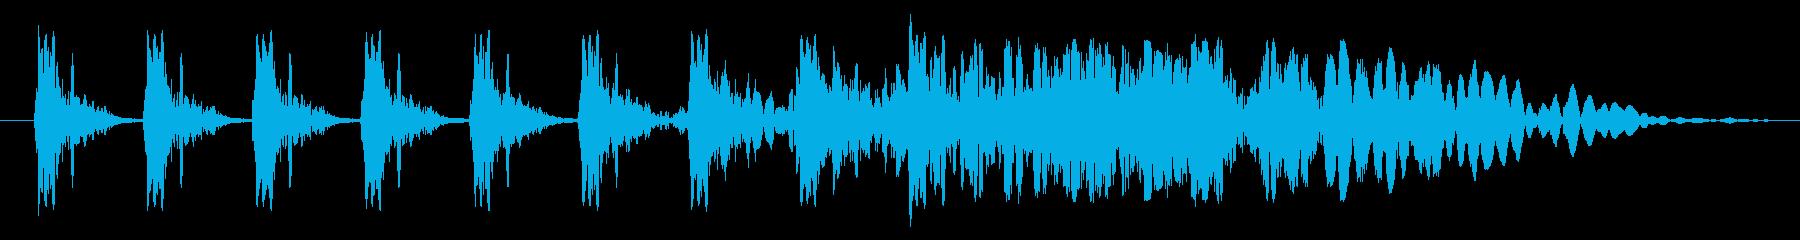 クイック厚いSt音ヒューシュー1の再生済みの波形